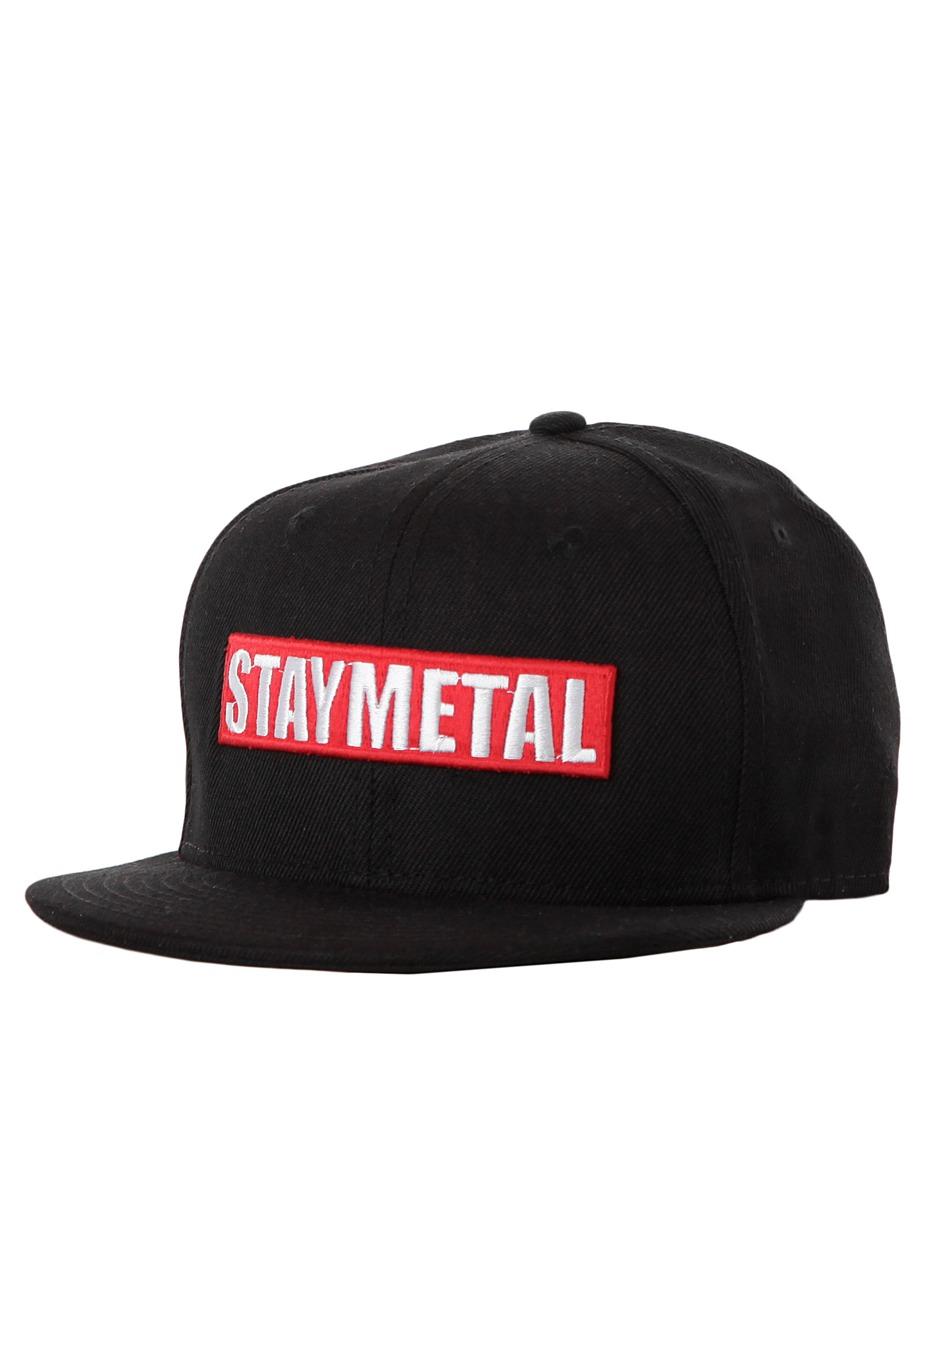 Miss May I - Stay Metal Snapback - Cap - Impericon.com UK 6700e5e5413